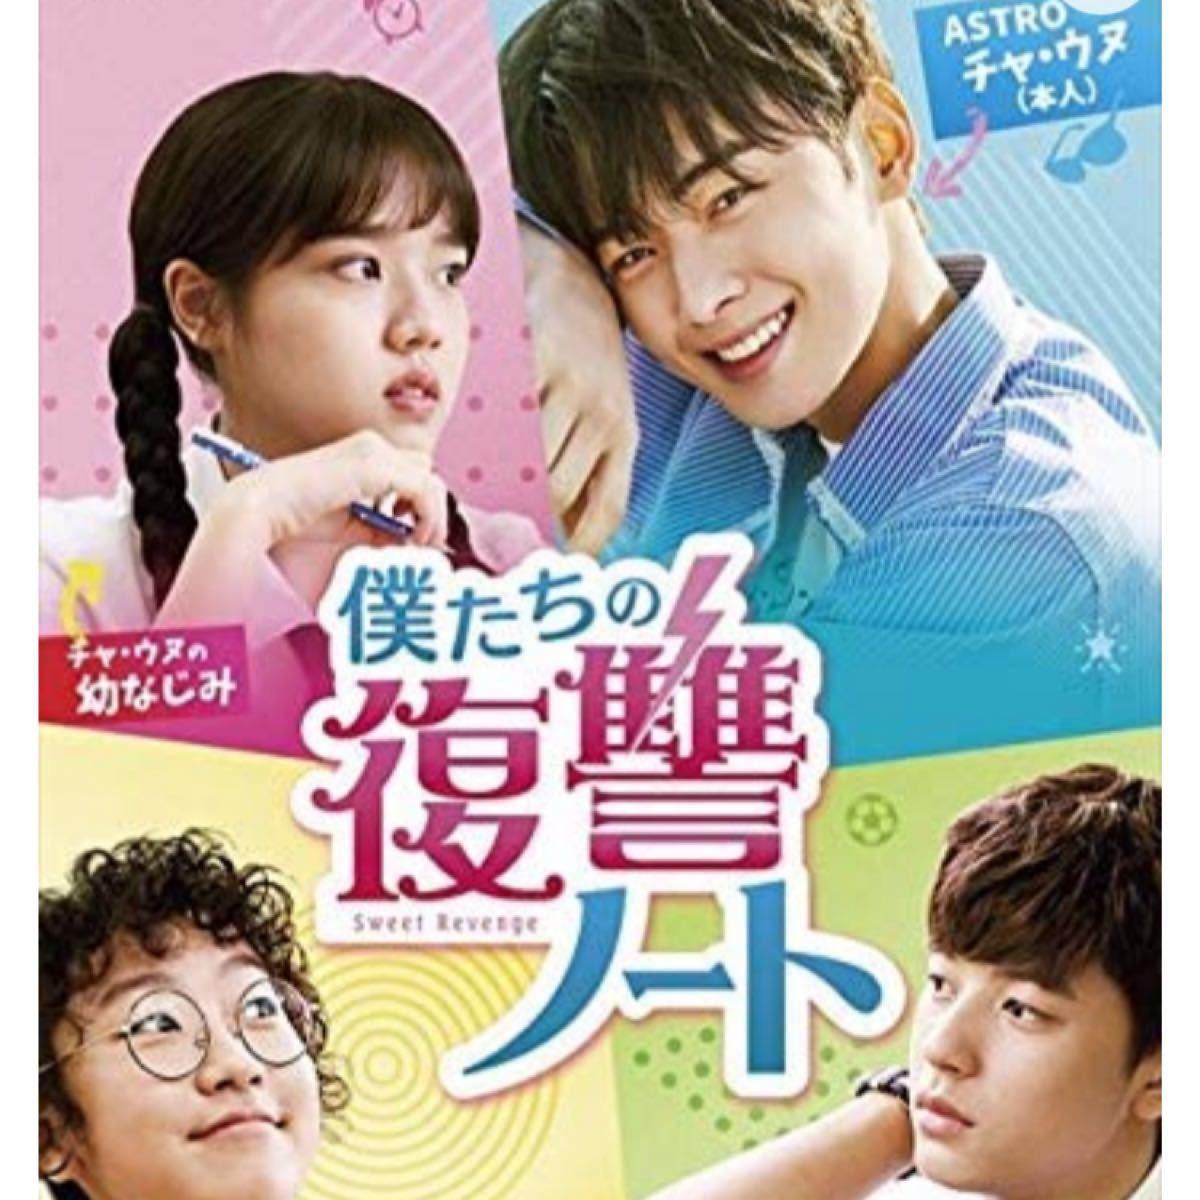 復讐ノート 全話 Blu-ray